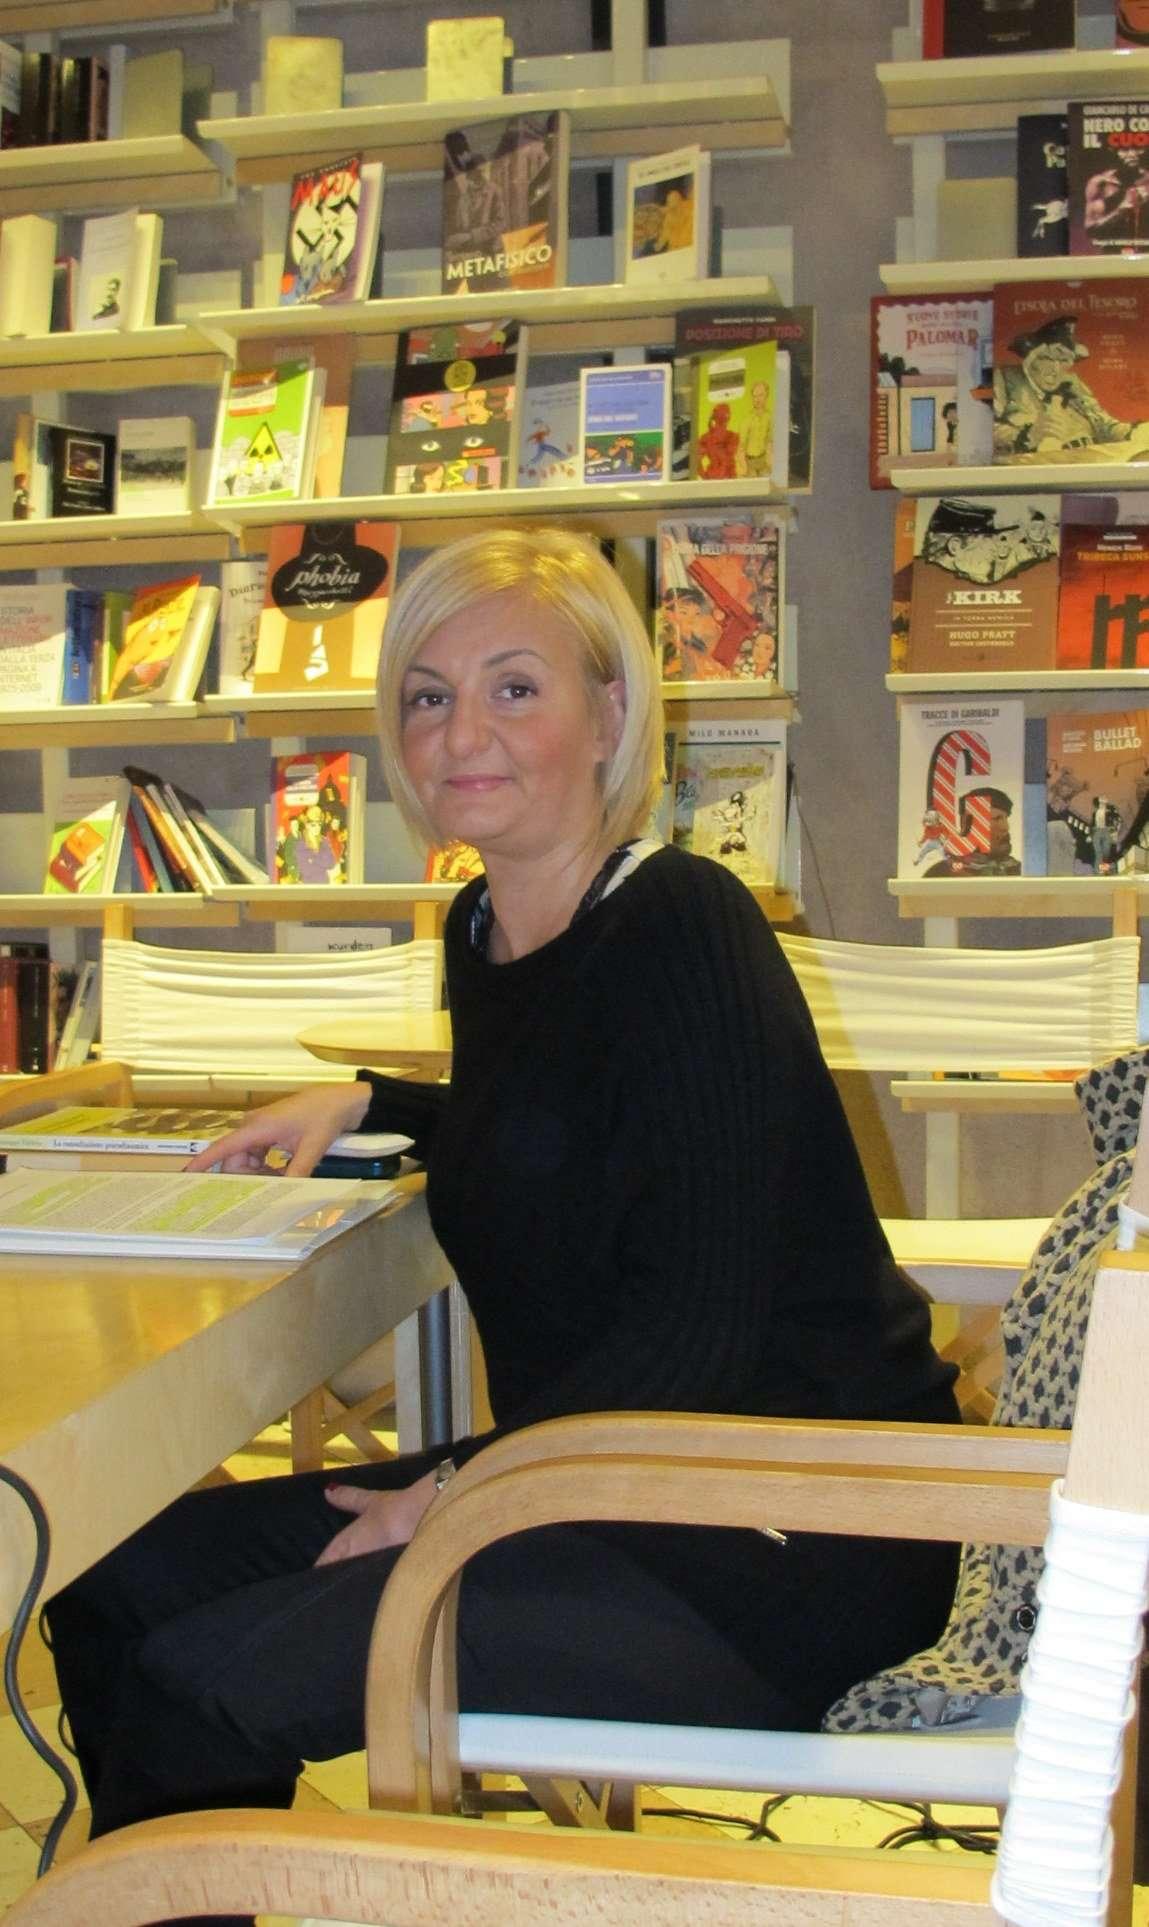 Dott. Sabina Scattola prima della presentazione del libro LA CONSULTAZIONE PSICODINAMICA